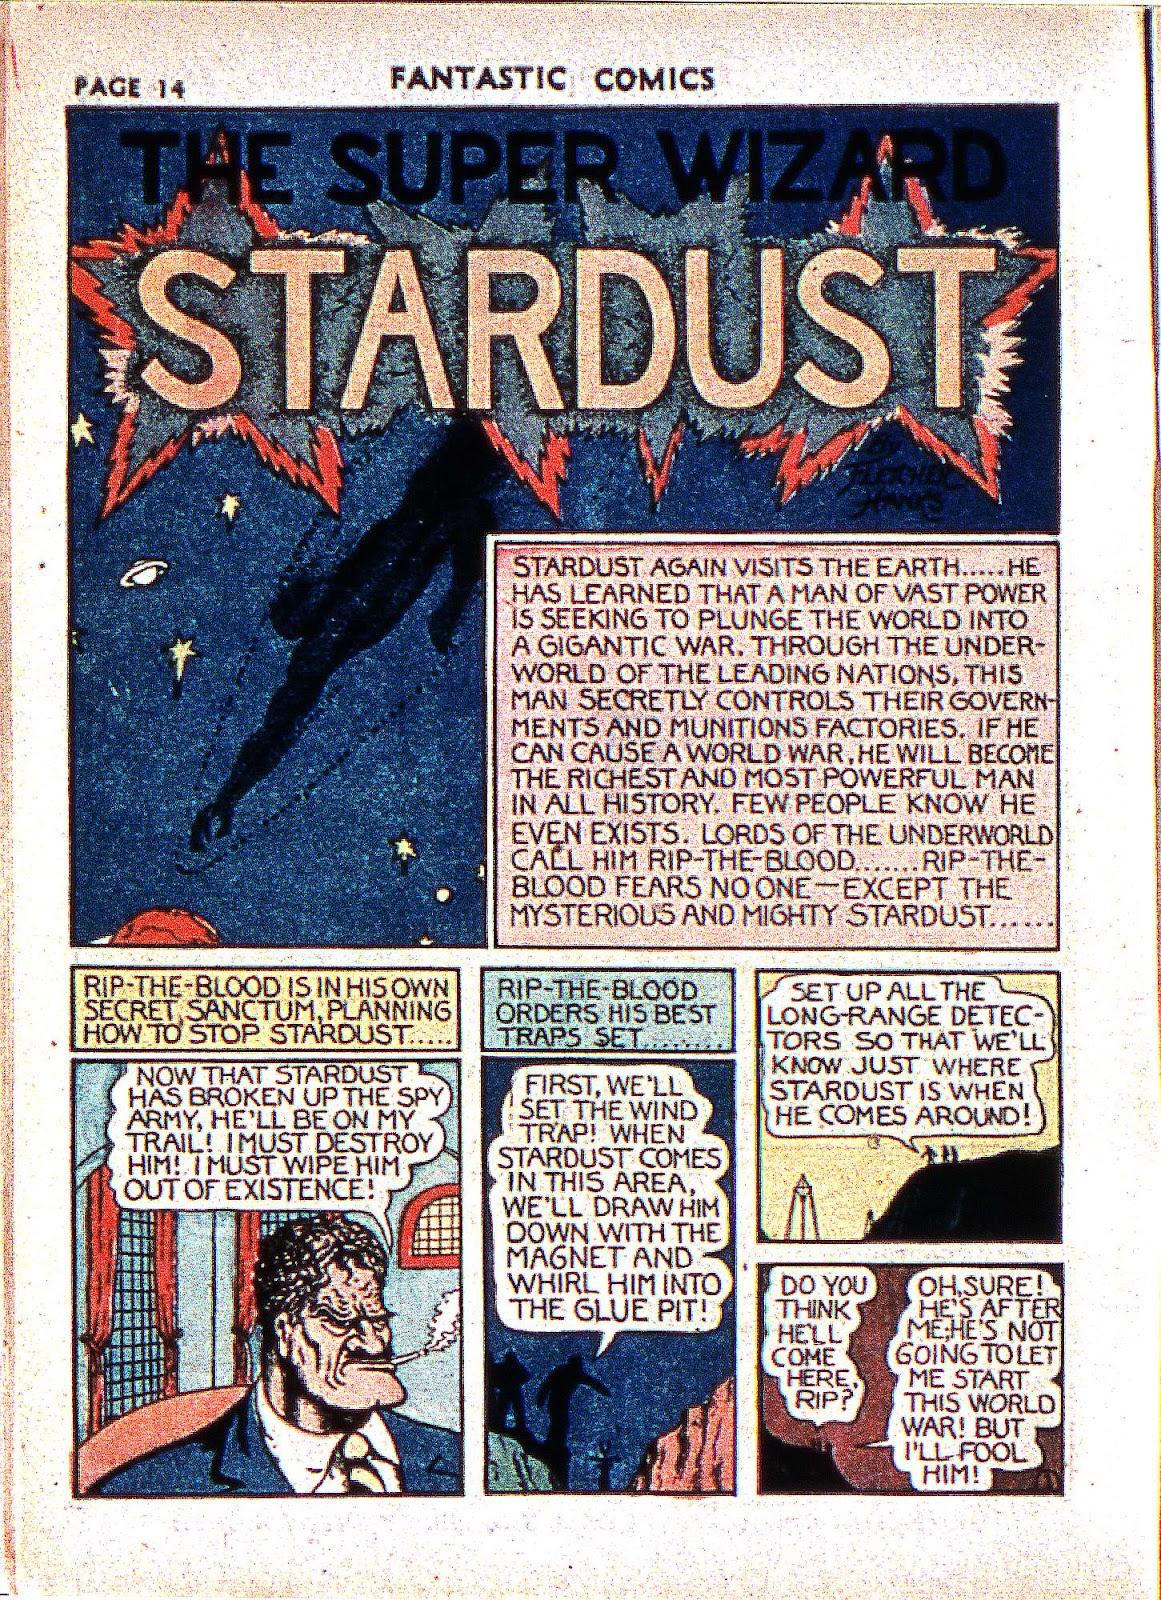 Read online Fantastic Comics comic -  Issue #2 - 16